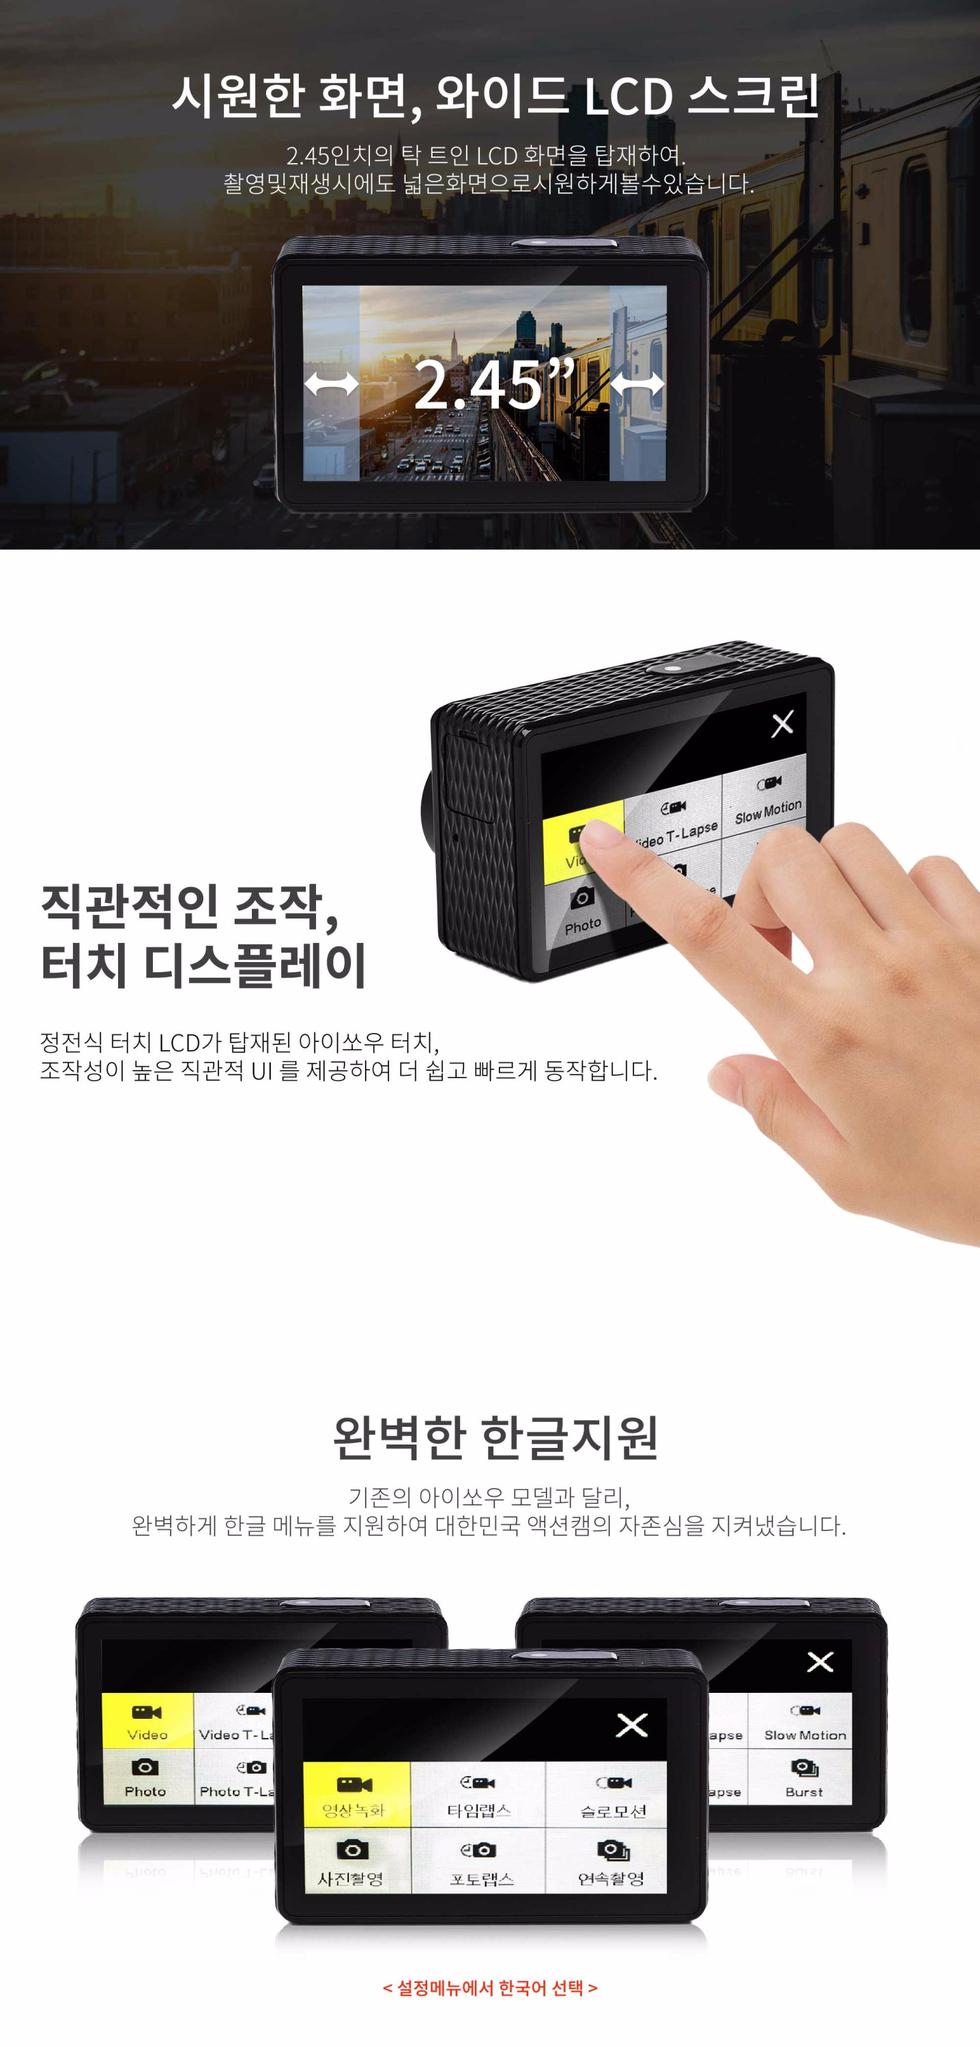 액션캠 아이쏘우 터치 - 아이쏘우, 169,000원, 액션캠, 액션캠 본체